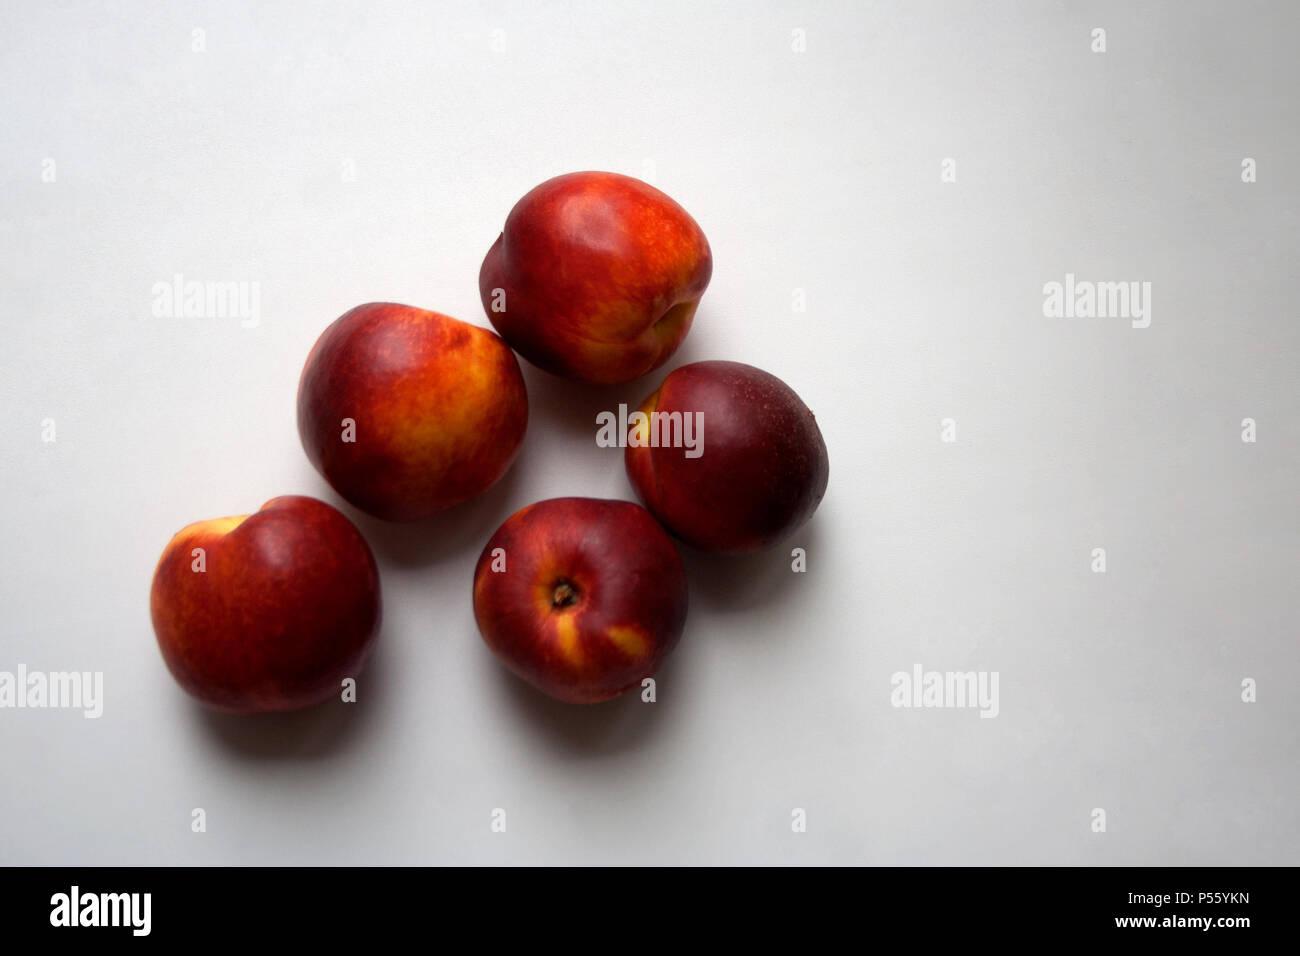 Nectarine fruits isolated on white background close up - Stock Image